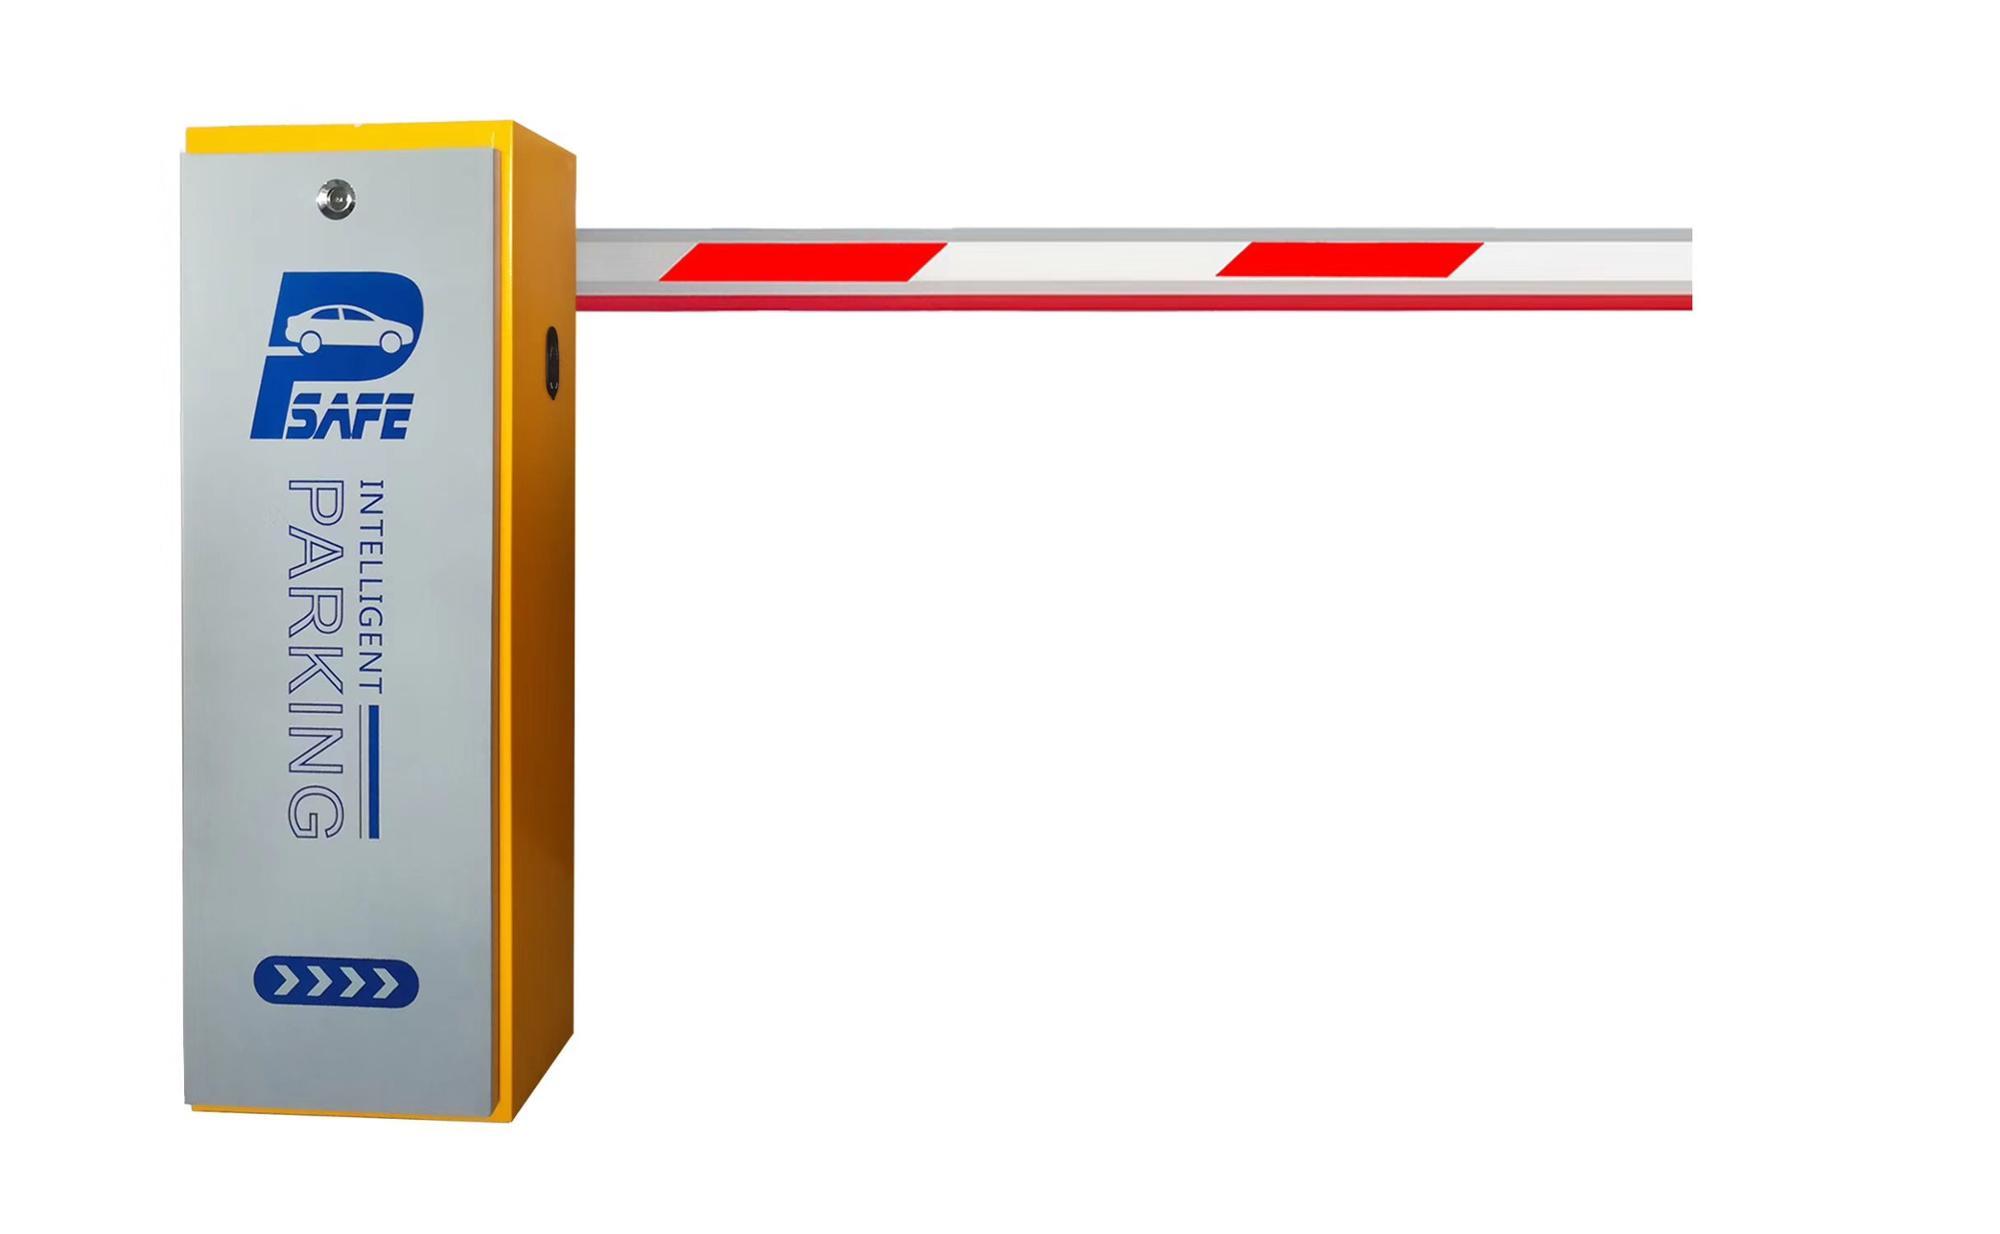 빛나는 자동 차량 액세스 보안 차 주차 붐 gate 장벽